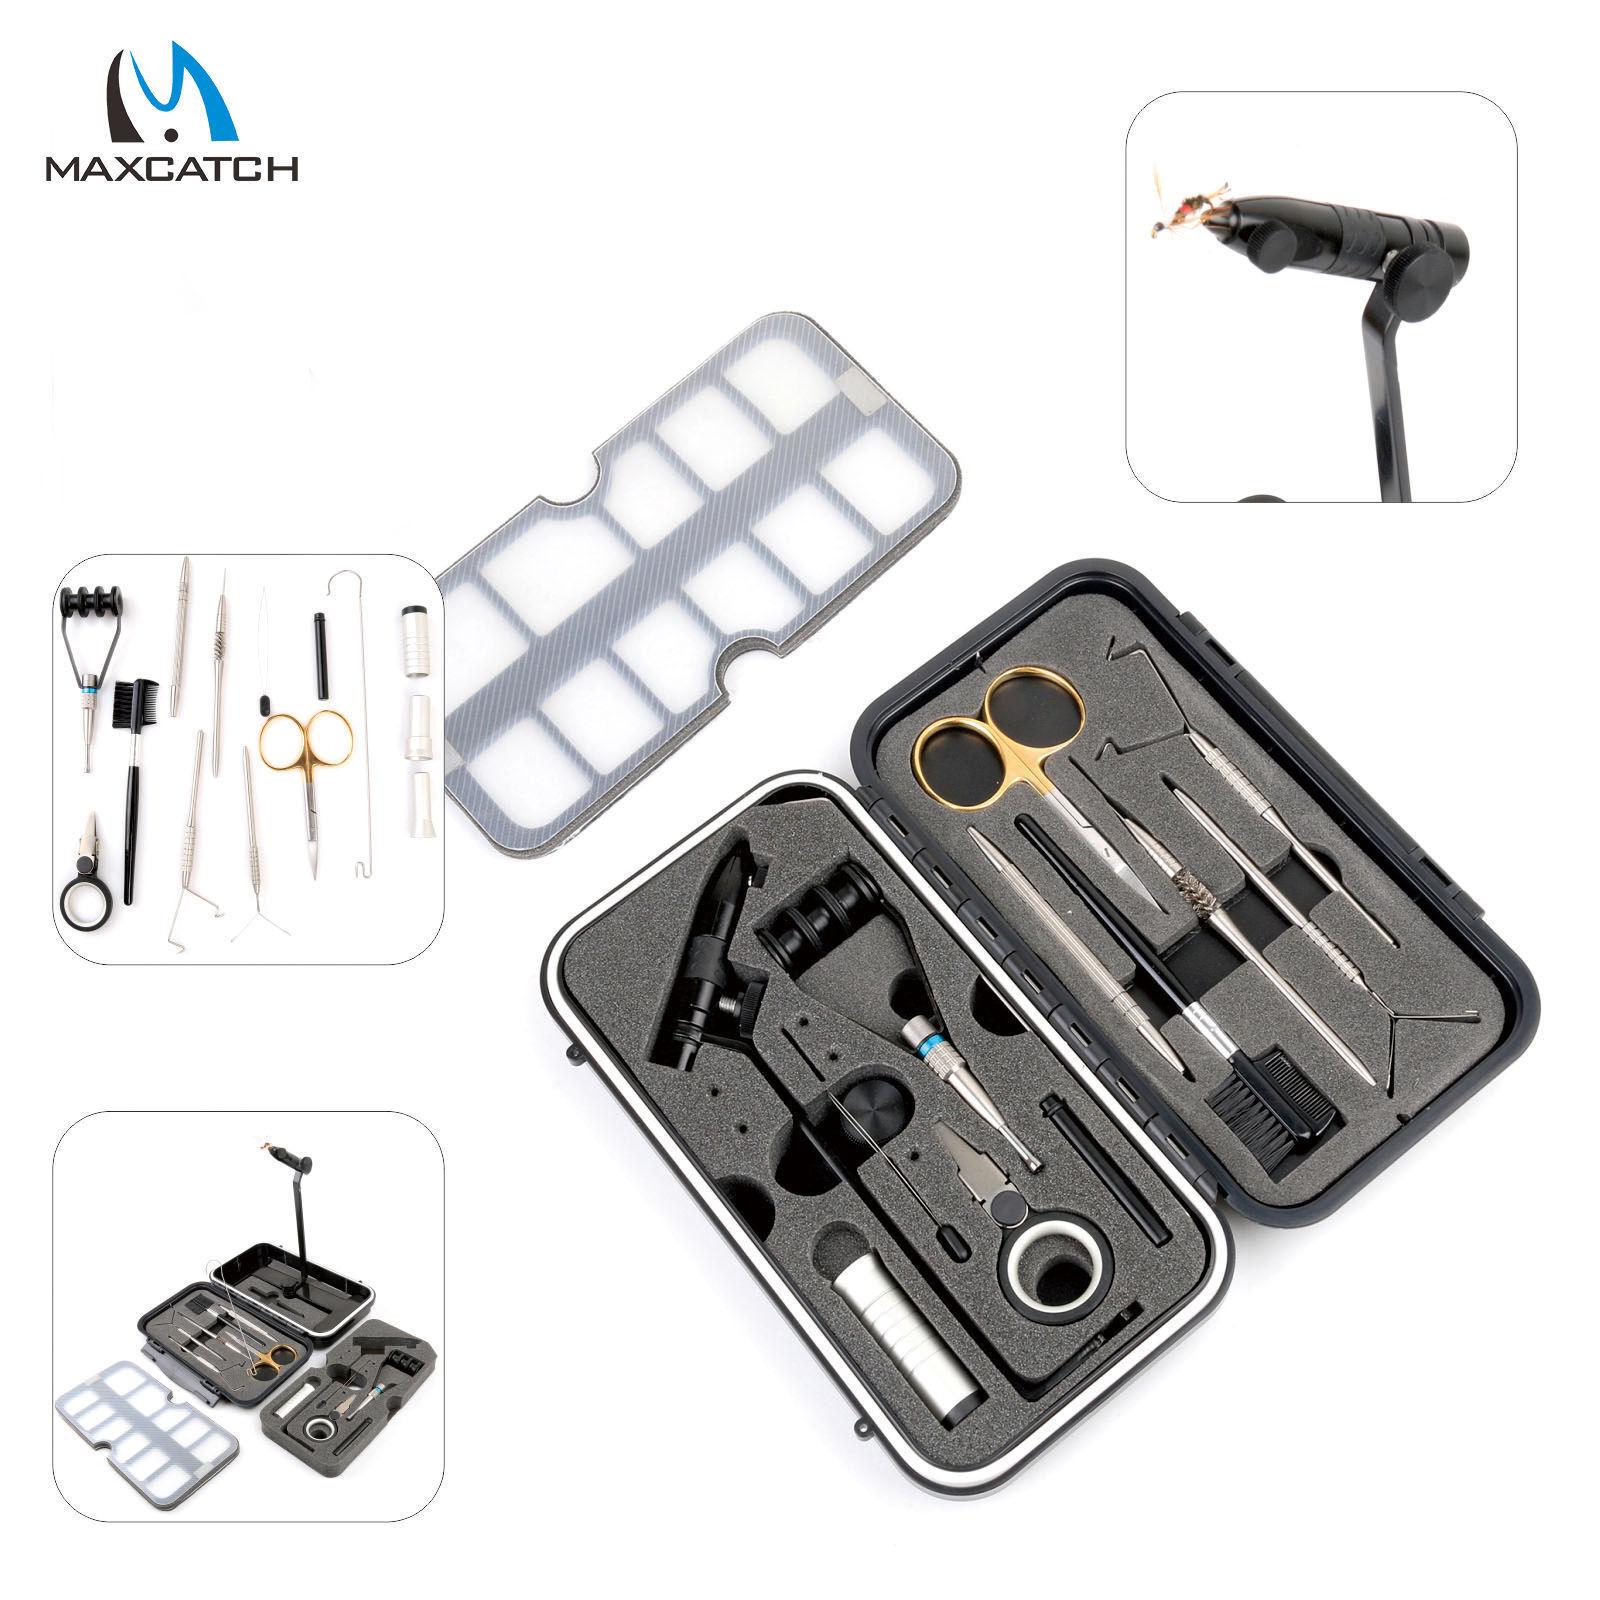 L'outil de fixation compacte   boitier et accessoires